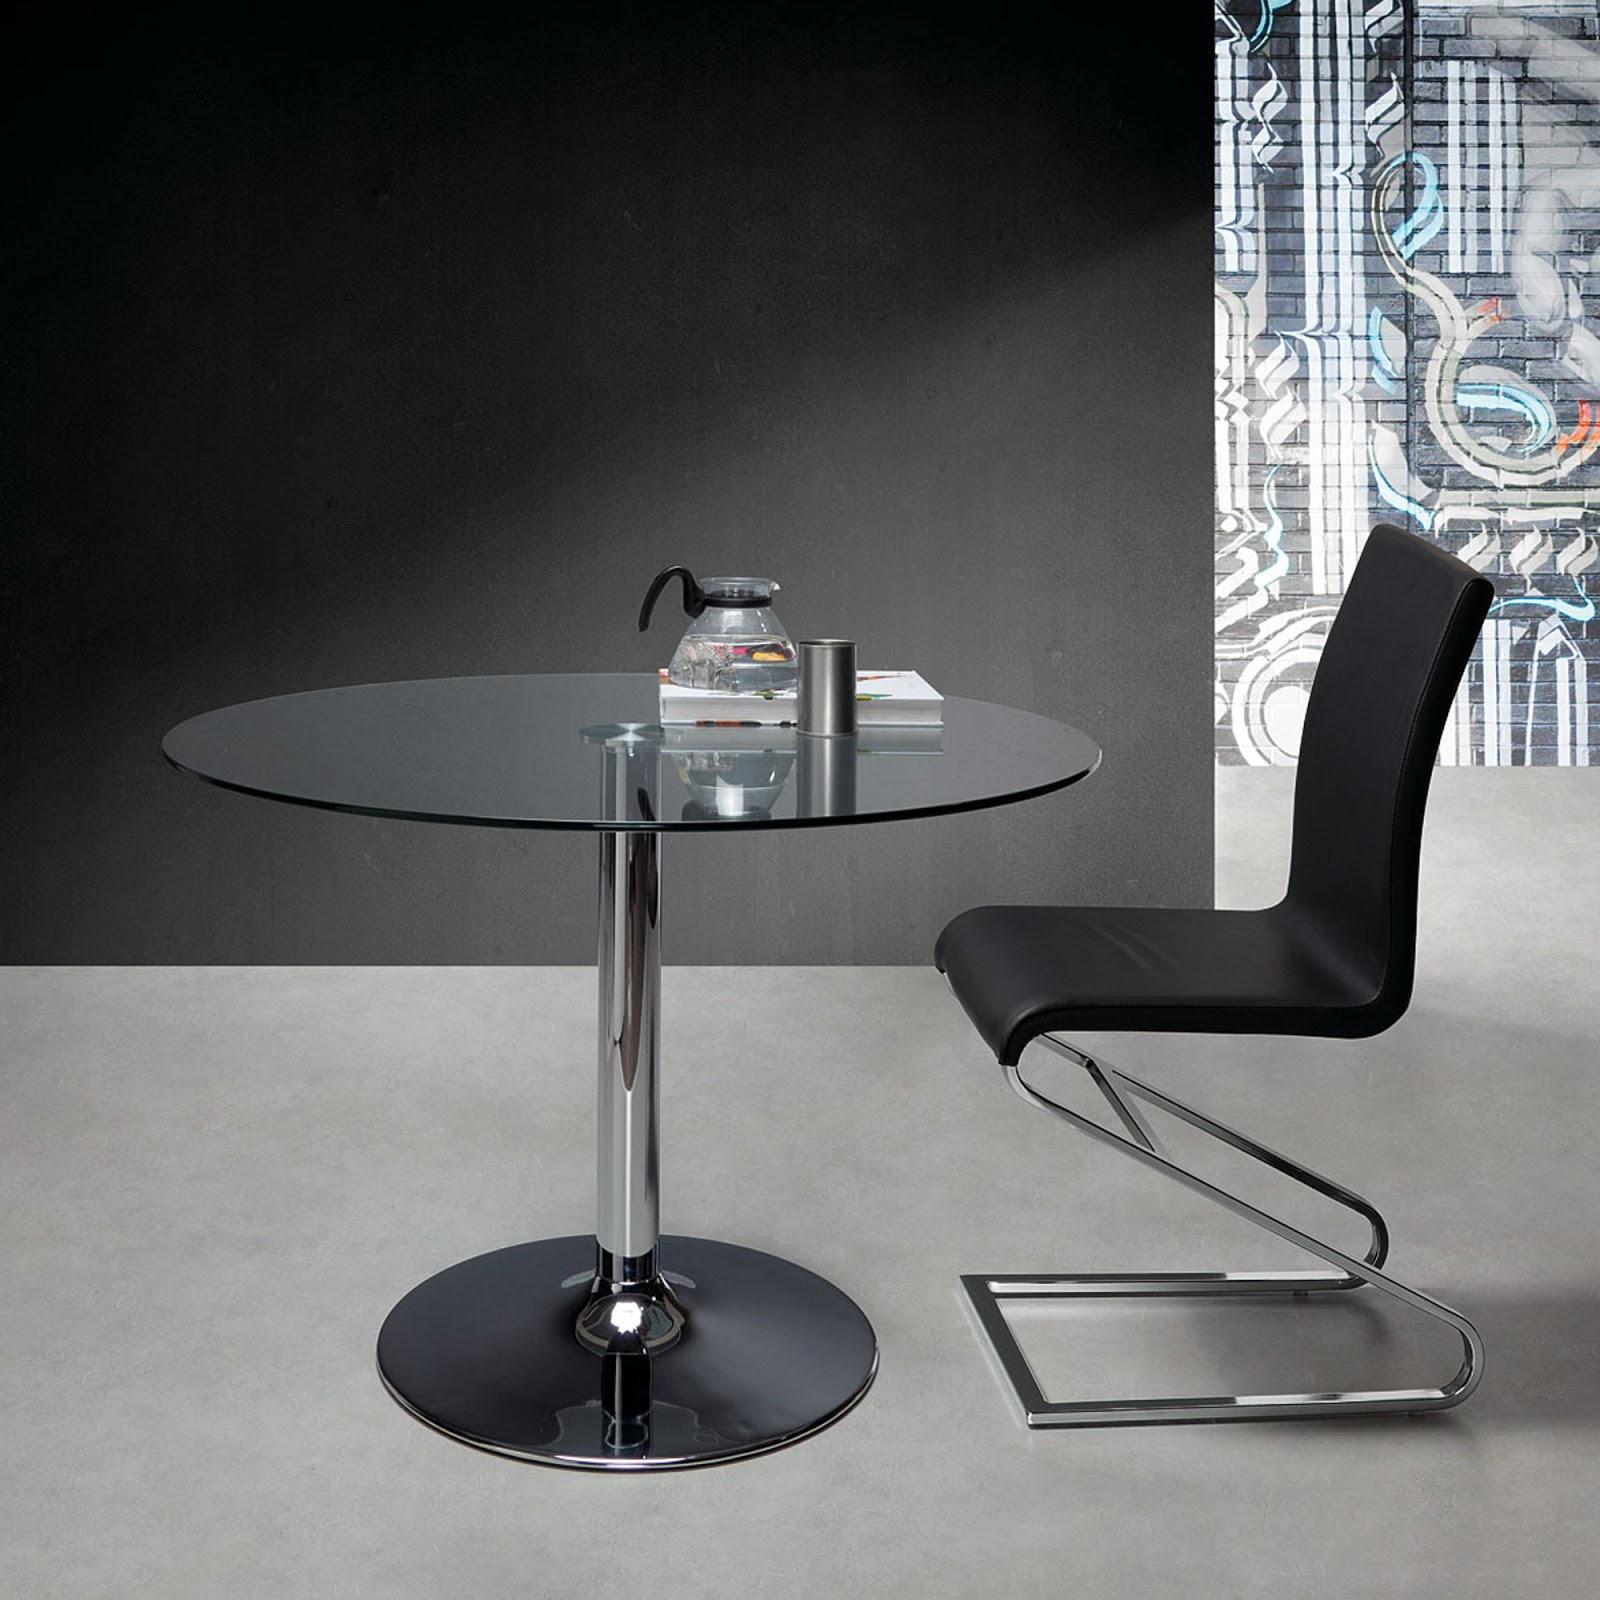 El blog de demarques como decorar un comedor peque o - Mesa comedor cristal redonda ...